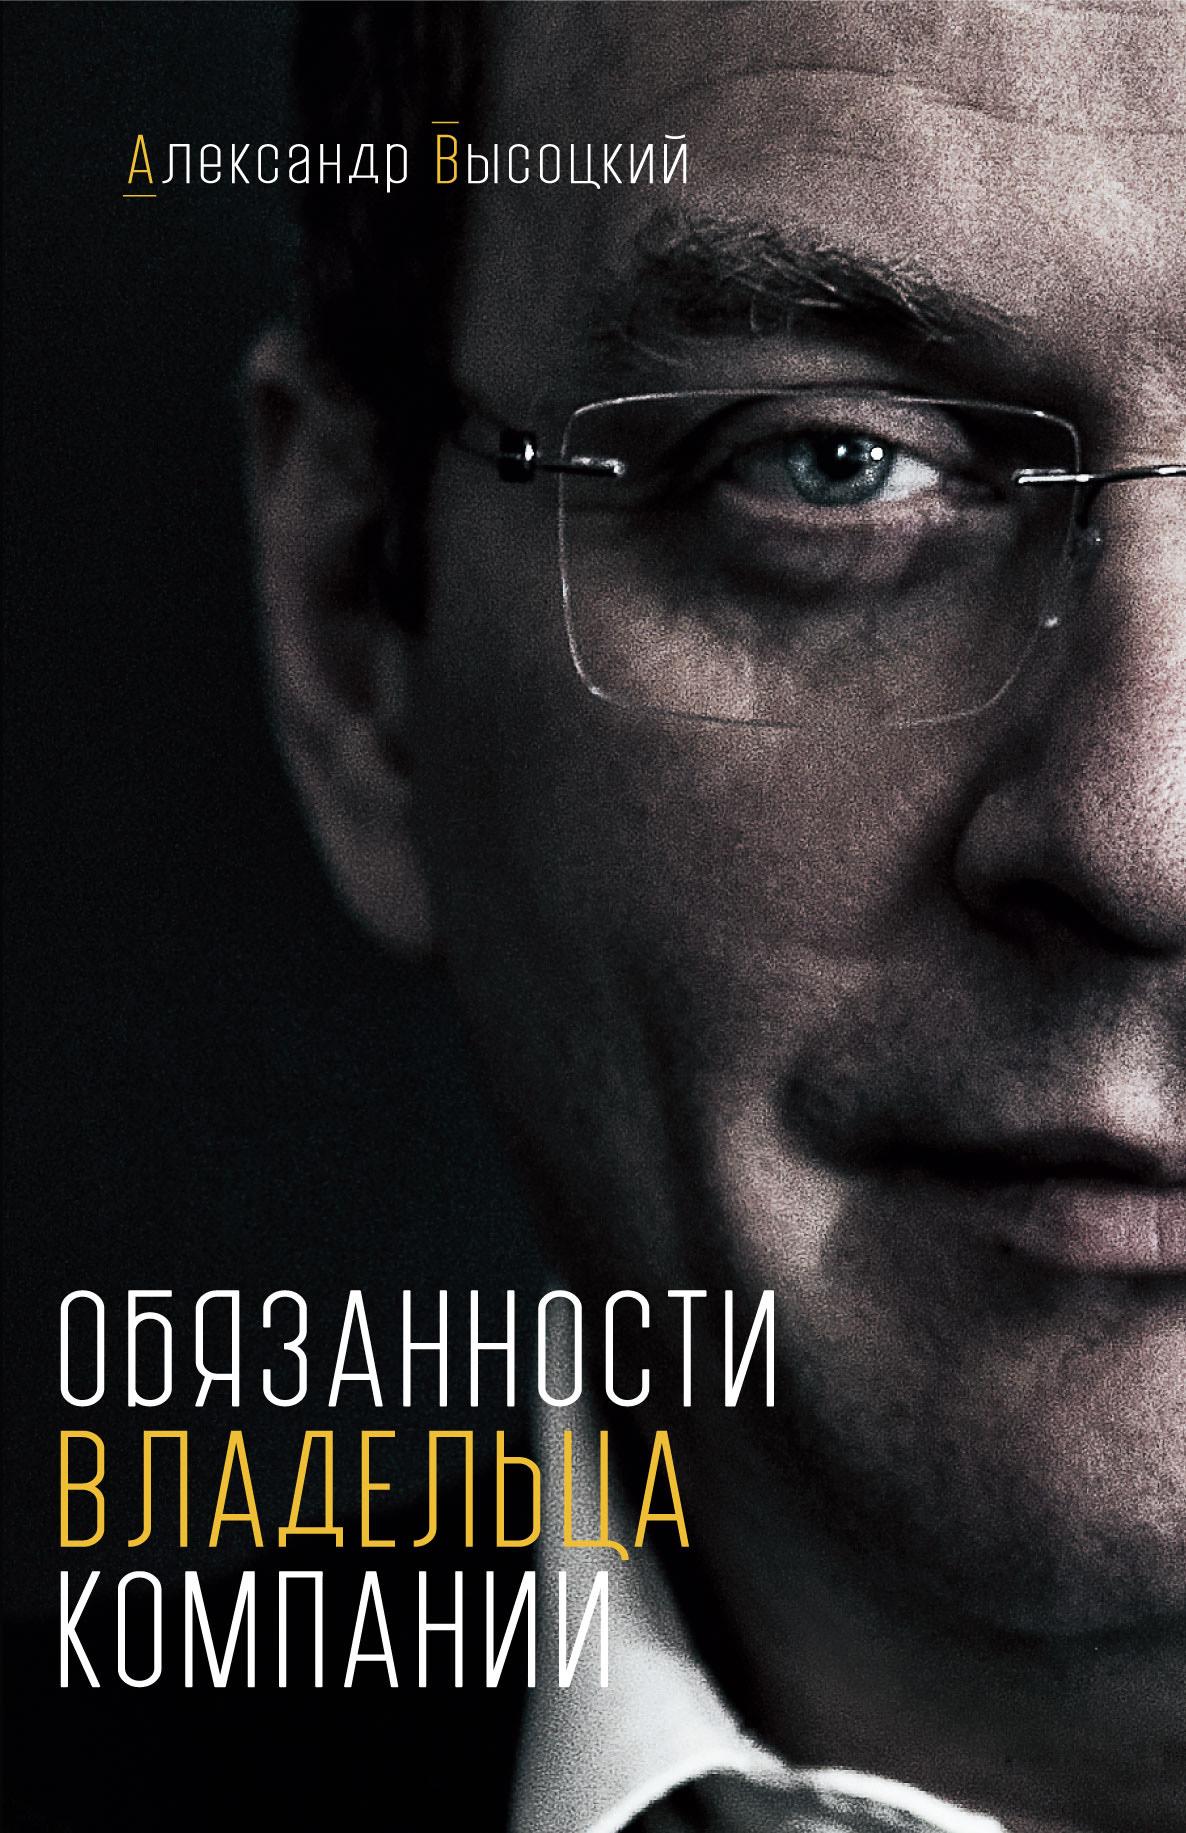 фото обложки издания Обязанности владельца компании